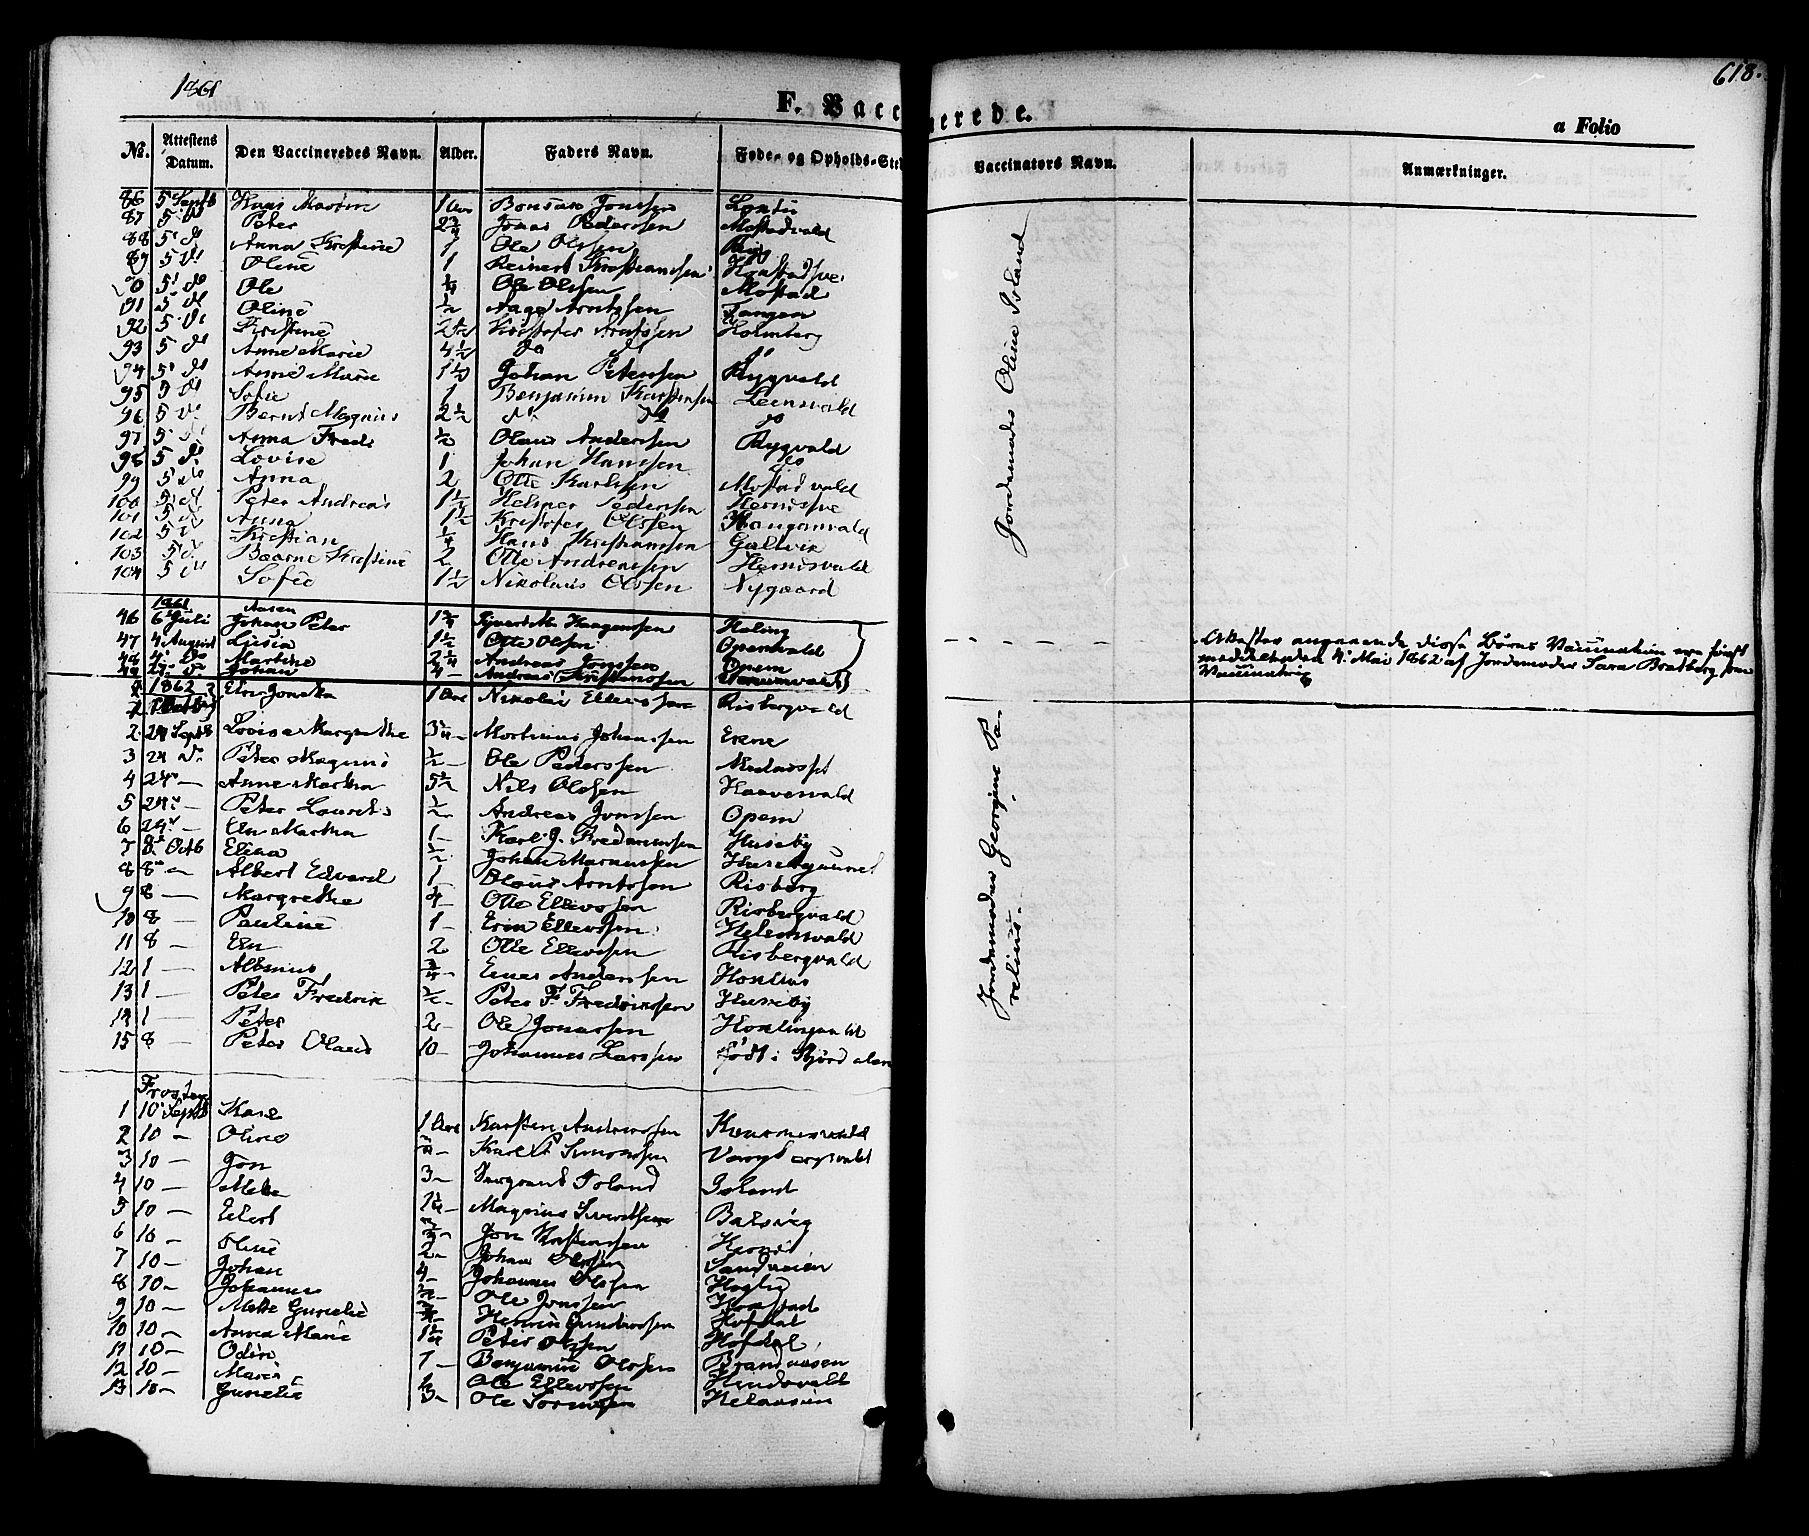 SAT, Ministerialprotokoller, klokkerbøker og fødselsregistre - Nord-Trøndelag, 713/L0116: Ministerialbok nr. 713A07 /1, 1850-1877, s. 618